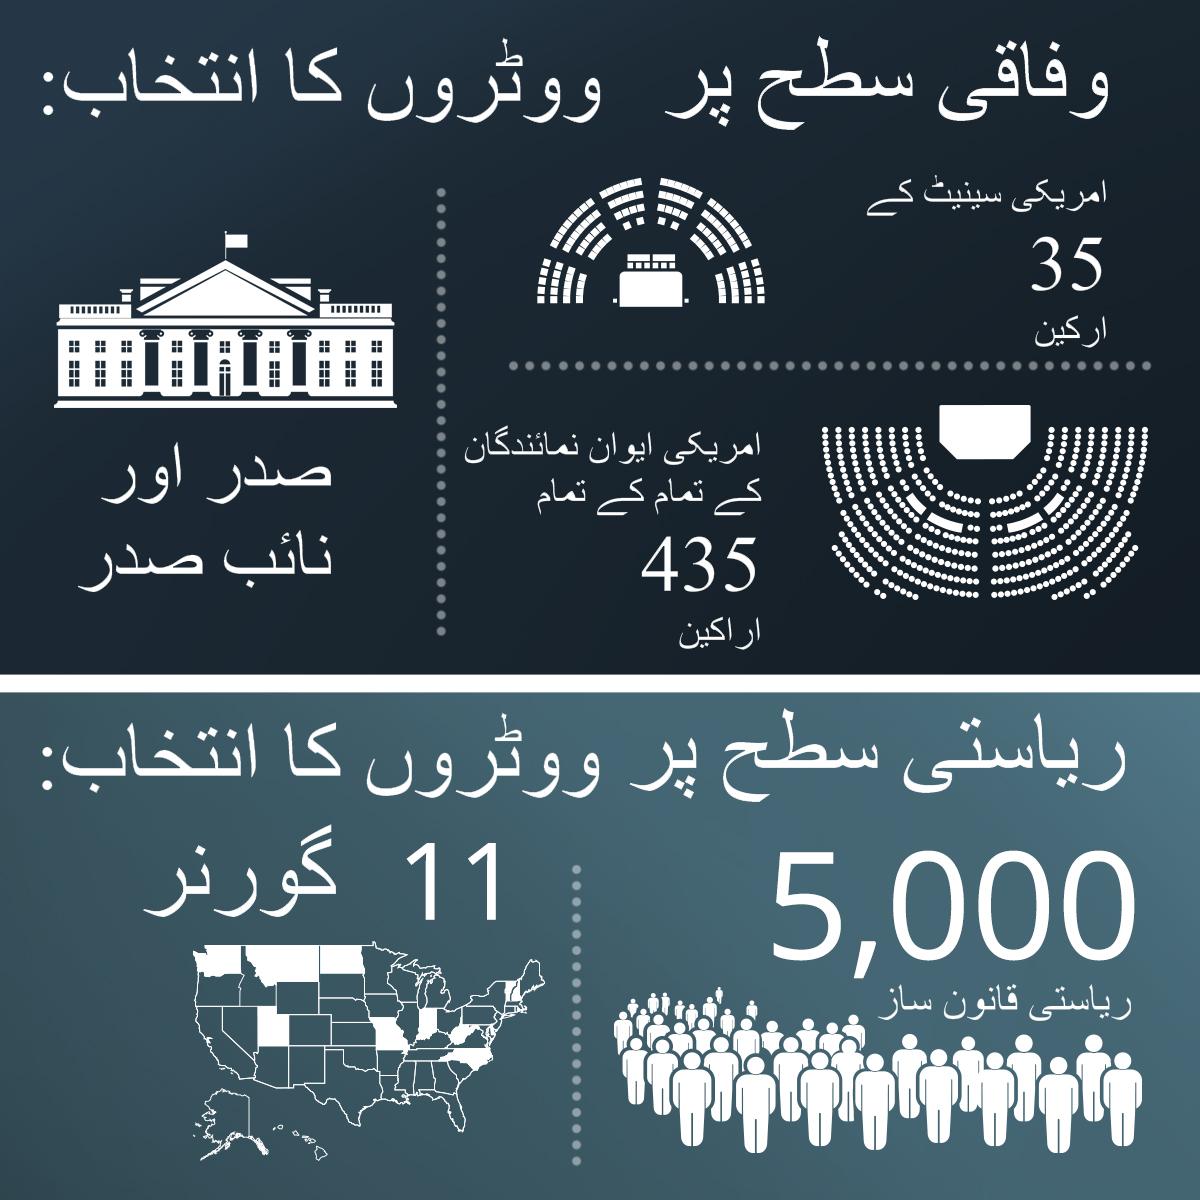 امریکہ کے انتخابات میں وفاقی اور ریاستی سطح کے عہدوں پر ہونے والے انتخابات کا تصویر خاکہ